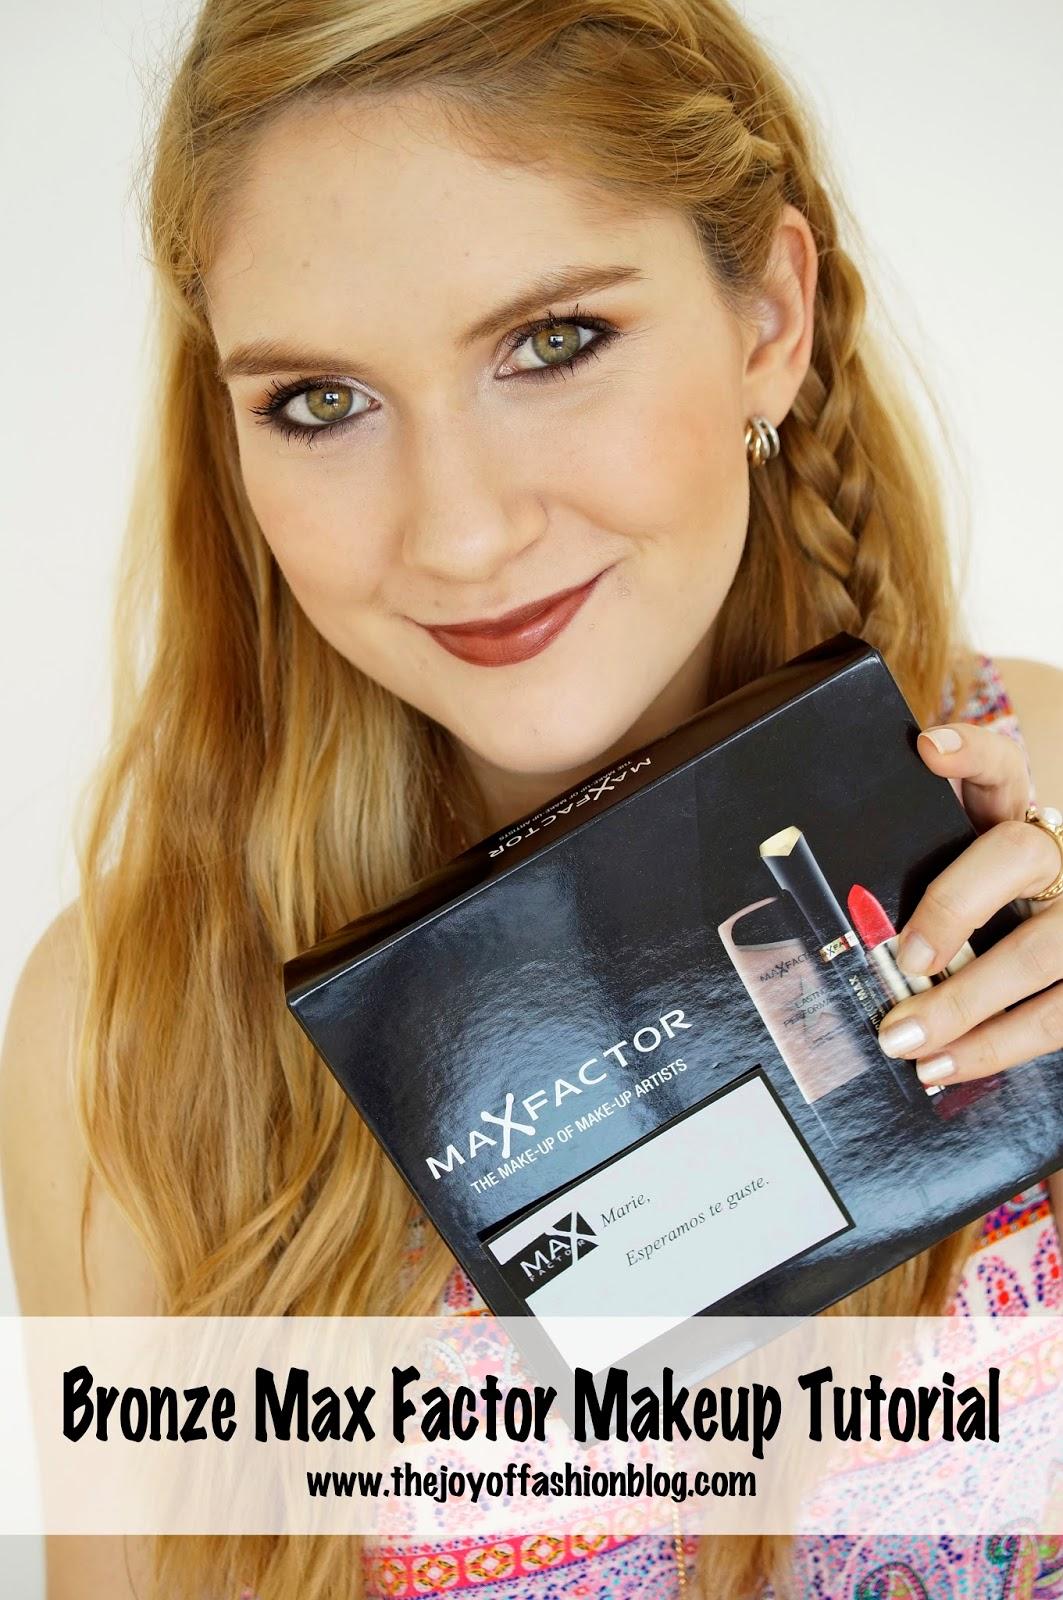 Max Factor Makeup Tutorial